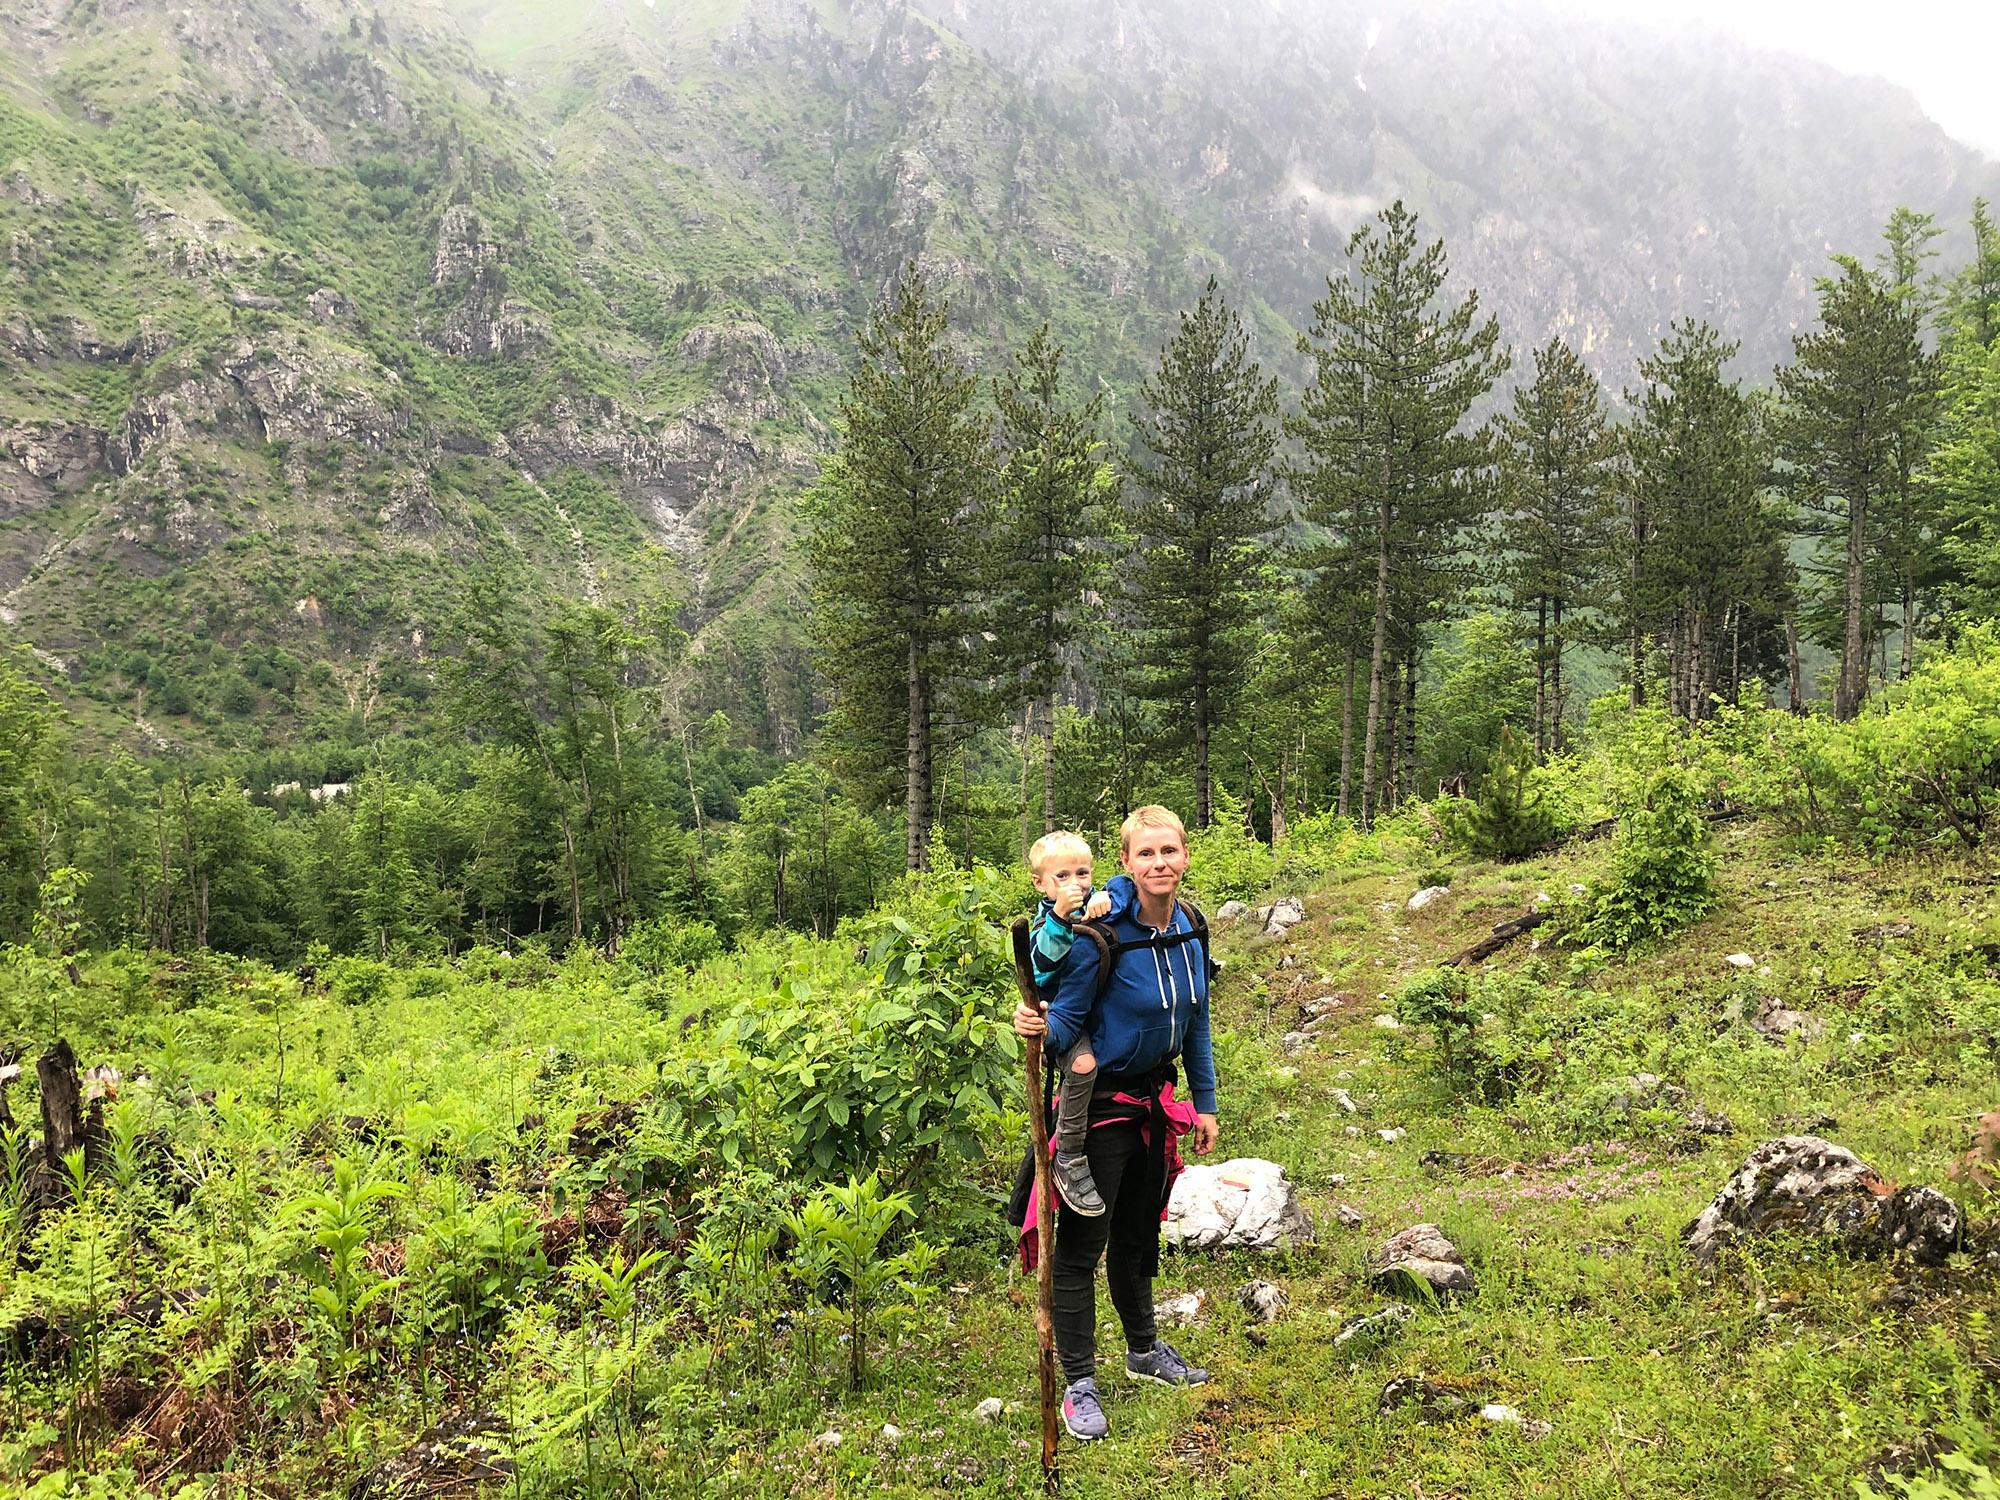 Daumen hoch für dieses abenteuerlustige Reisegespann: Gabriela Urban mit ihrem vierjährigen Sohn